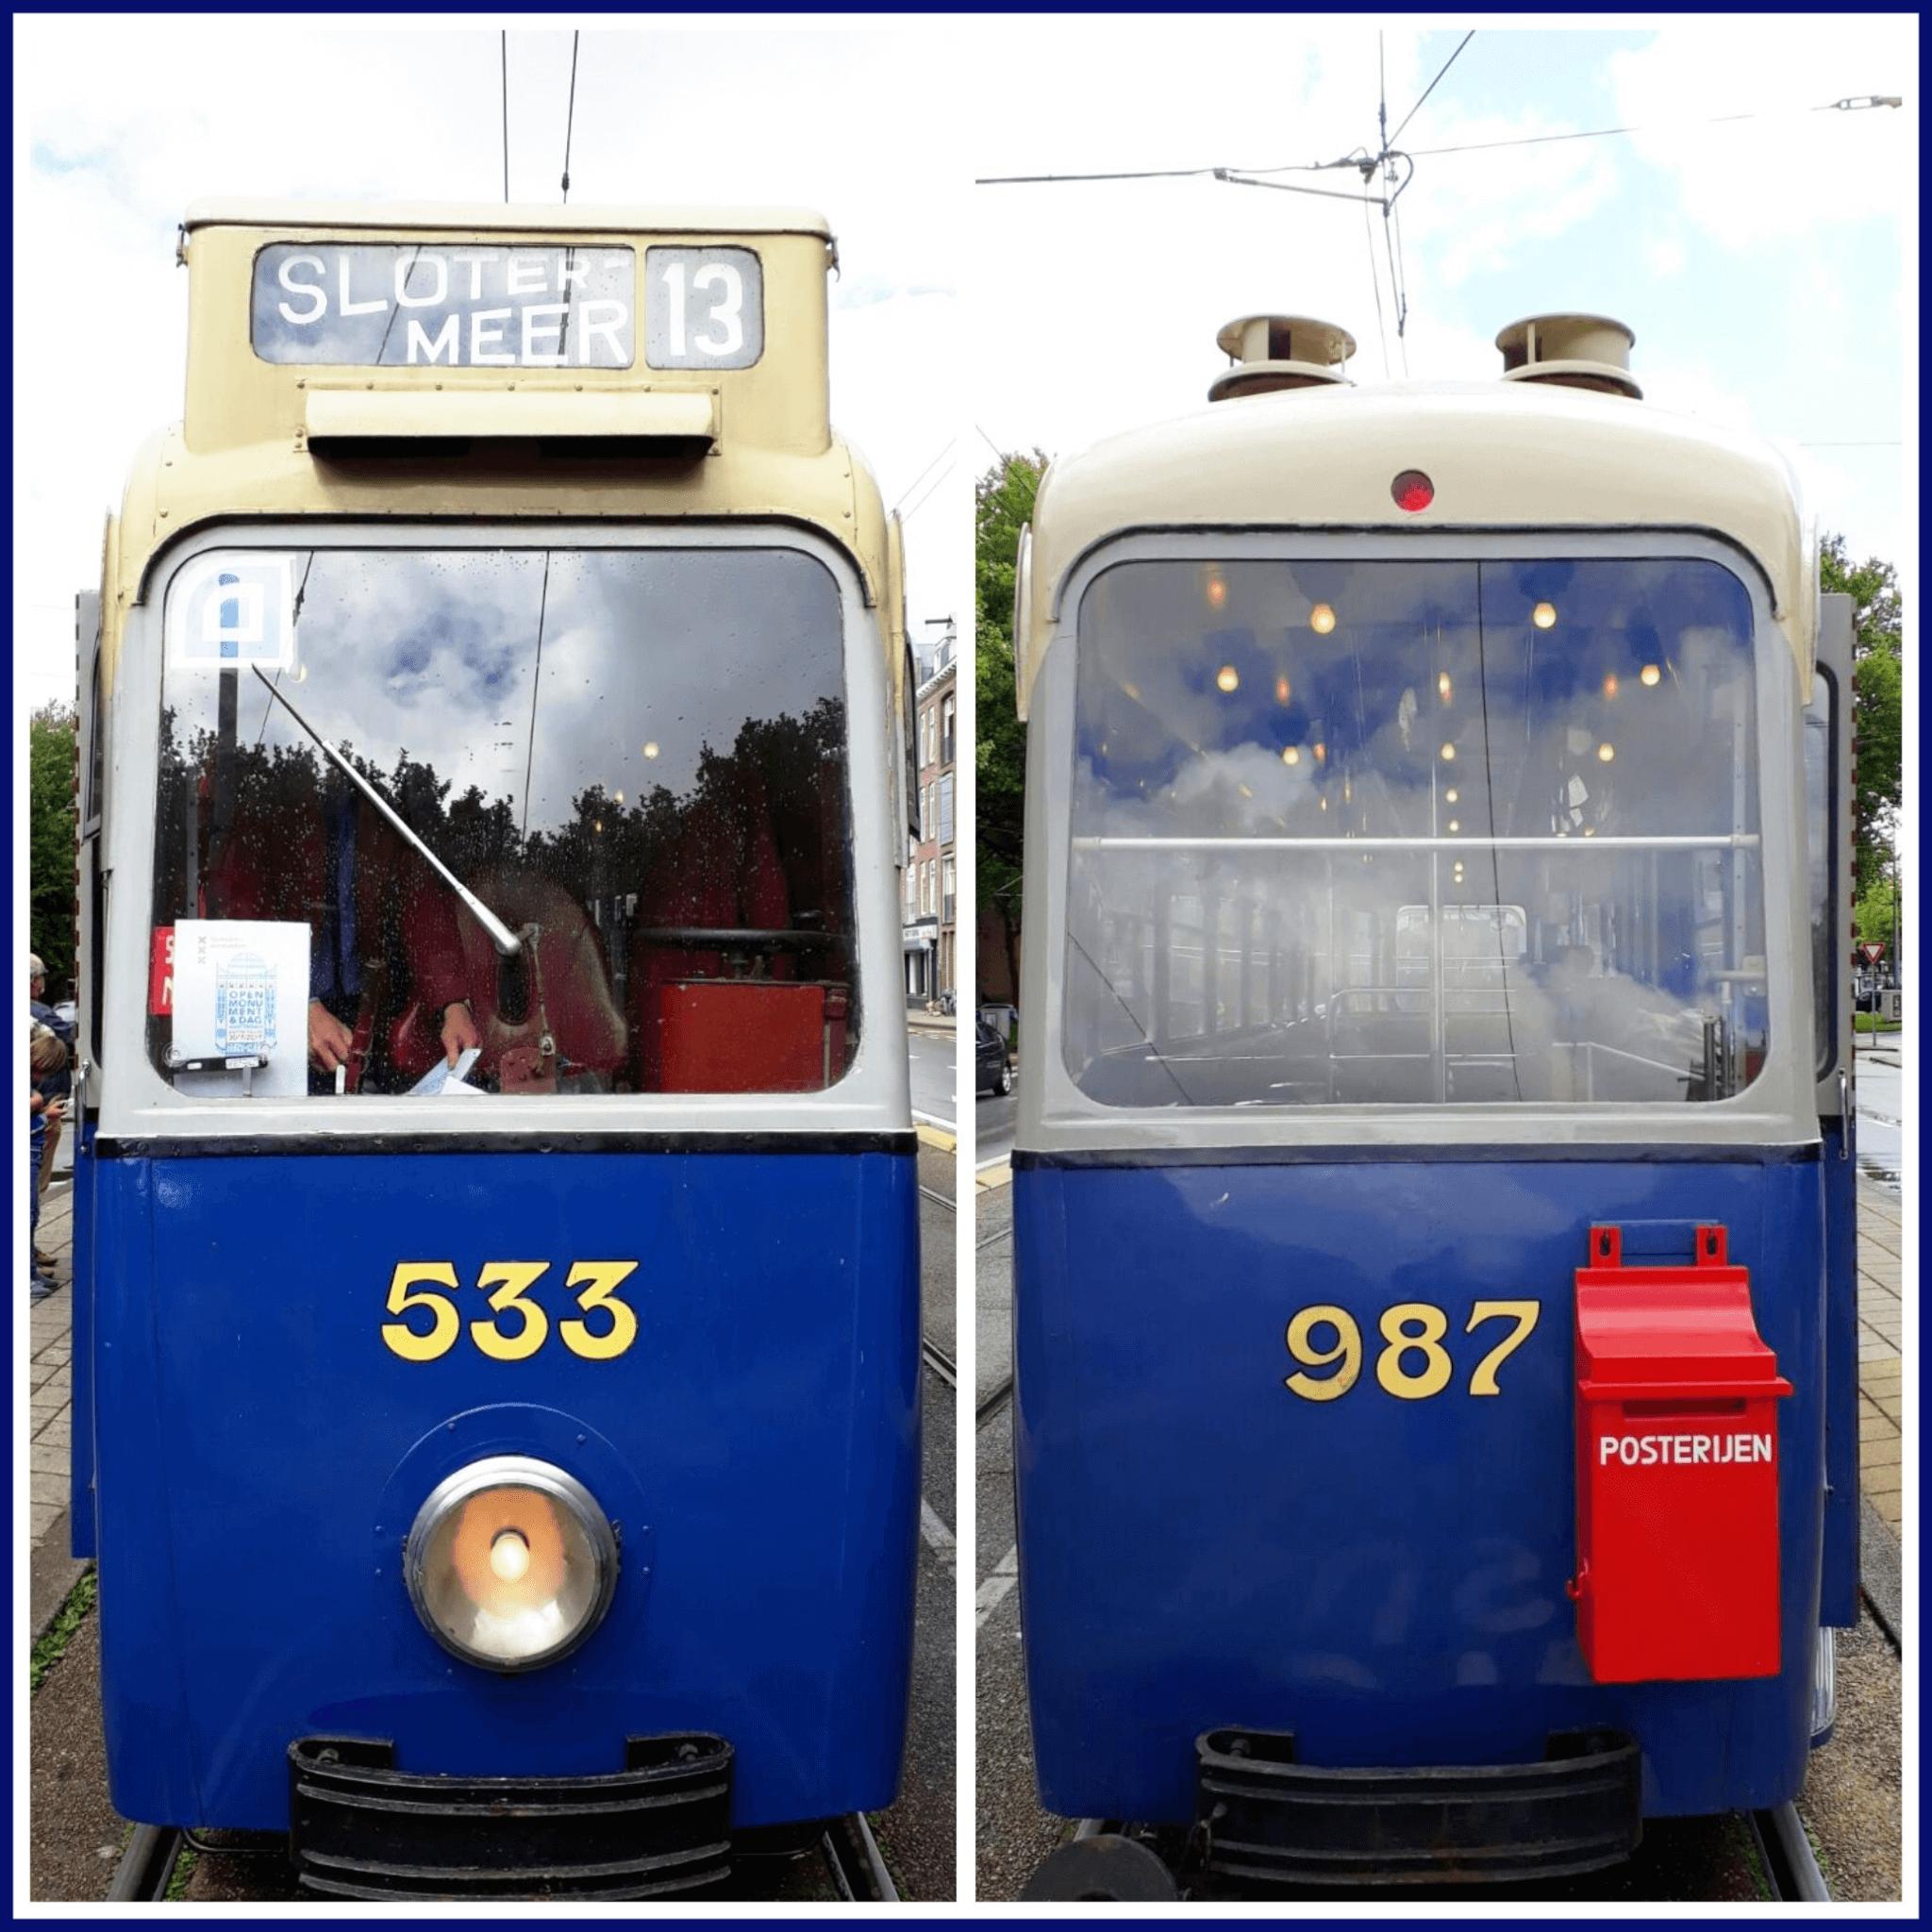 Uitje voor kleine tramfans: Museumtramlijn Amsterdam